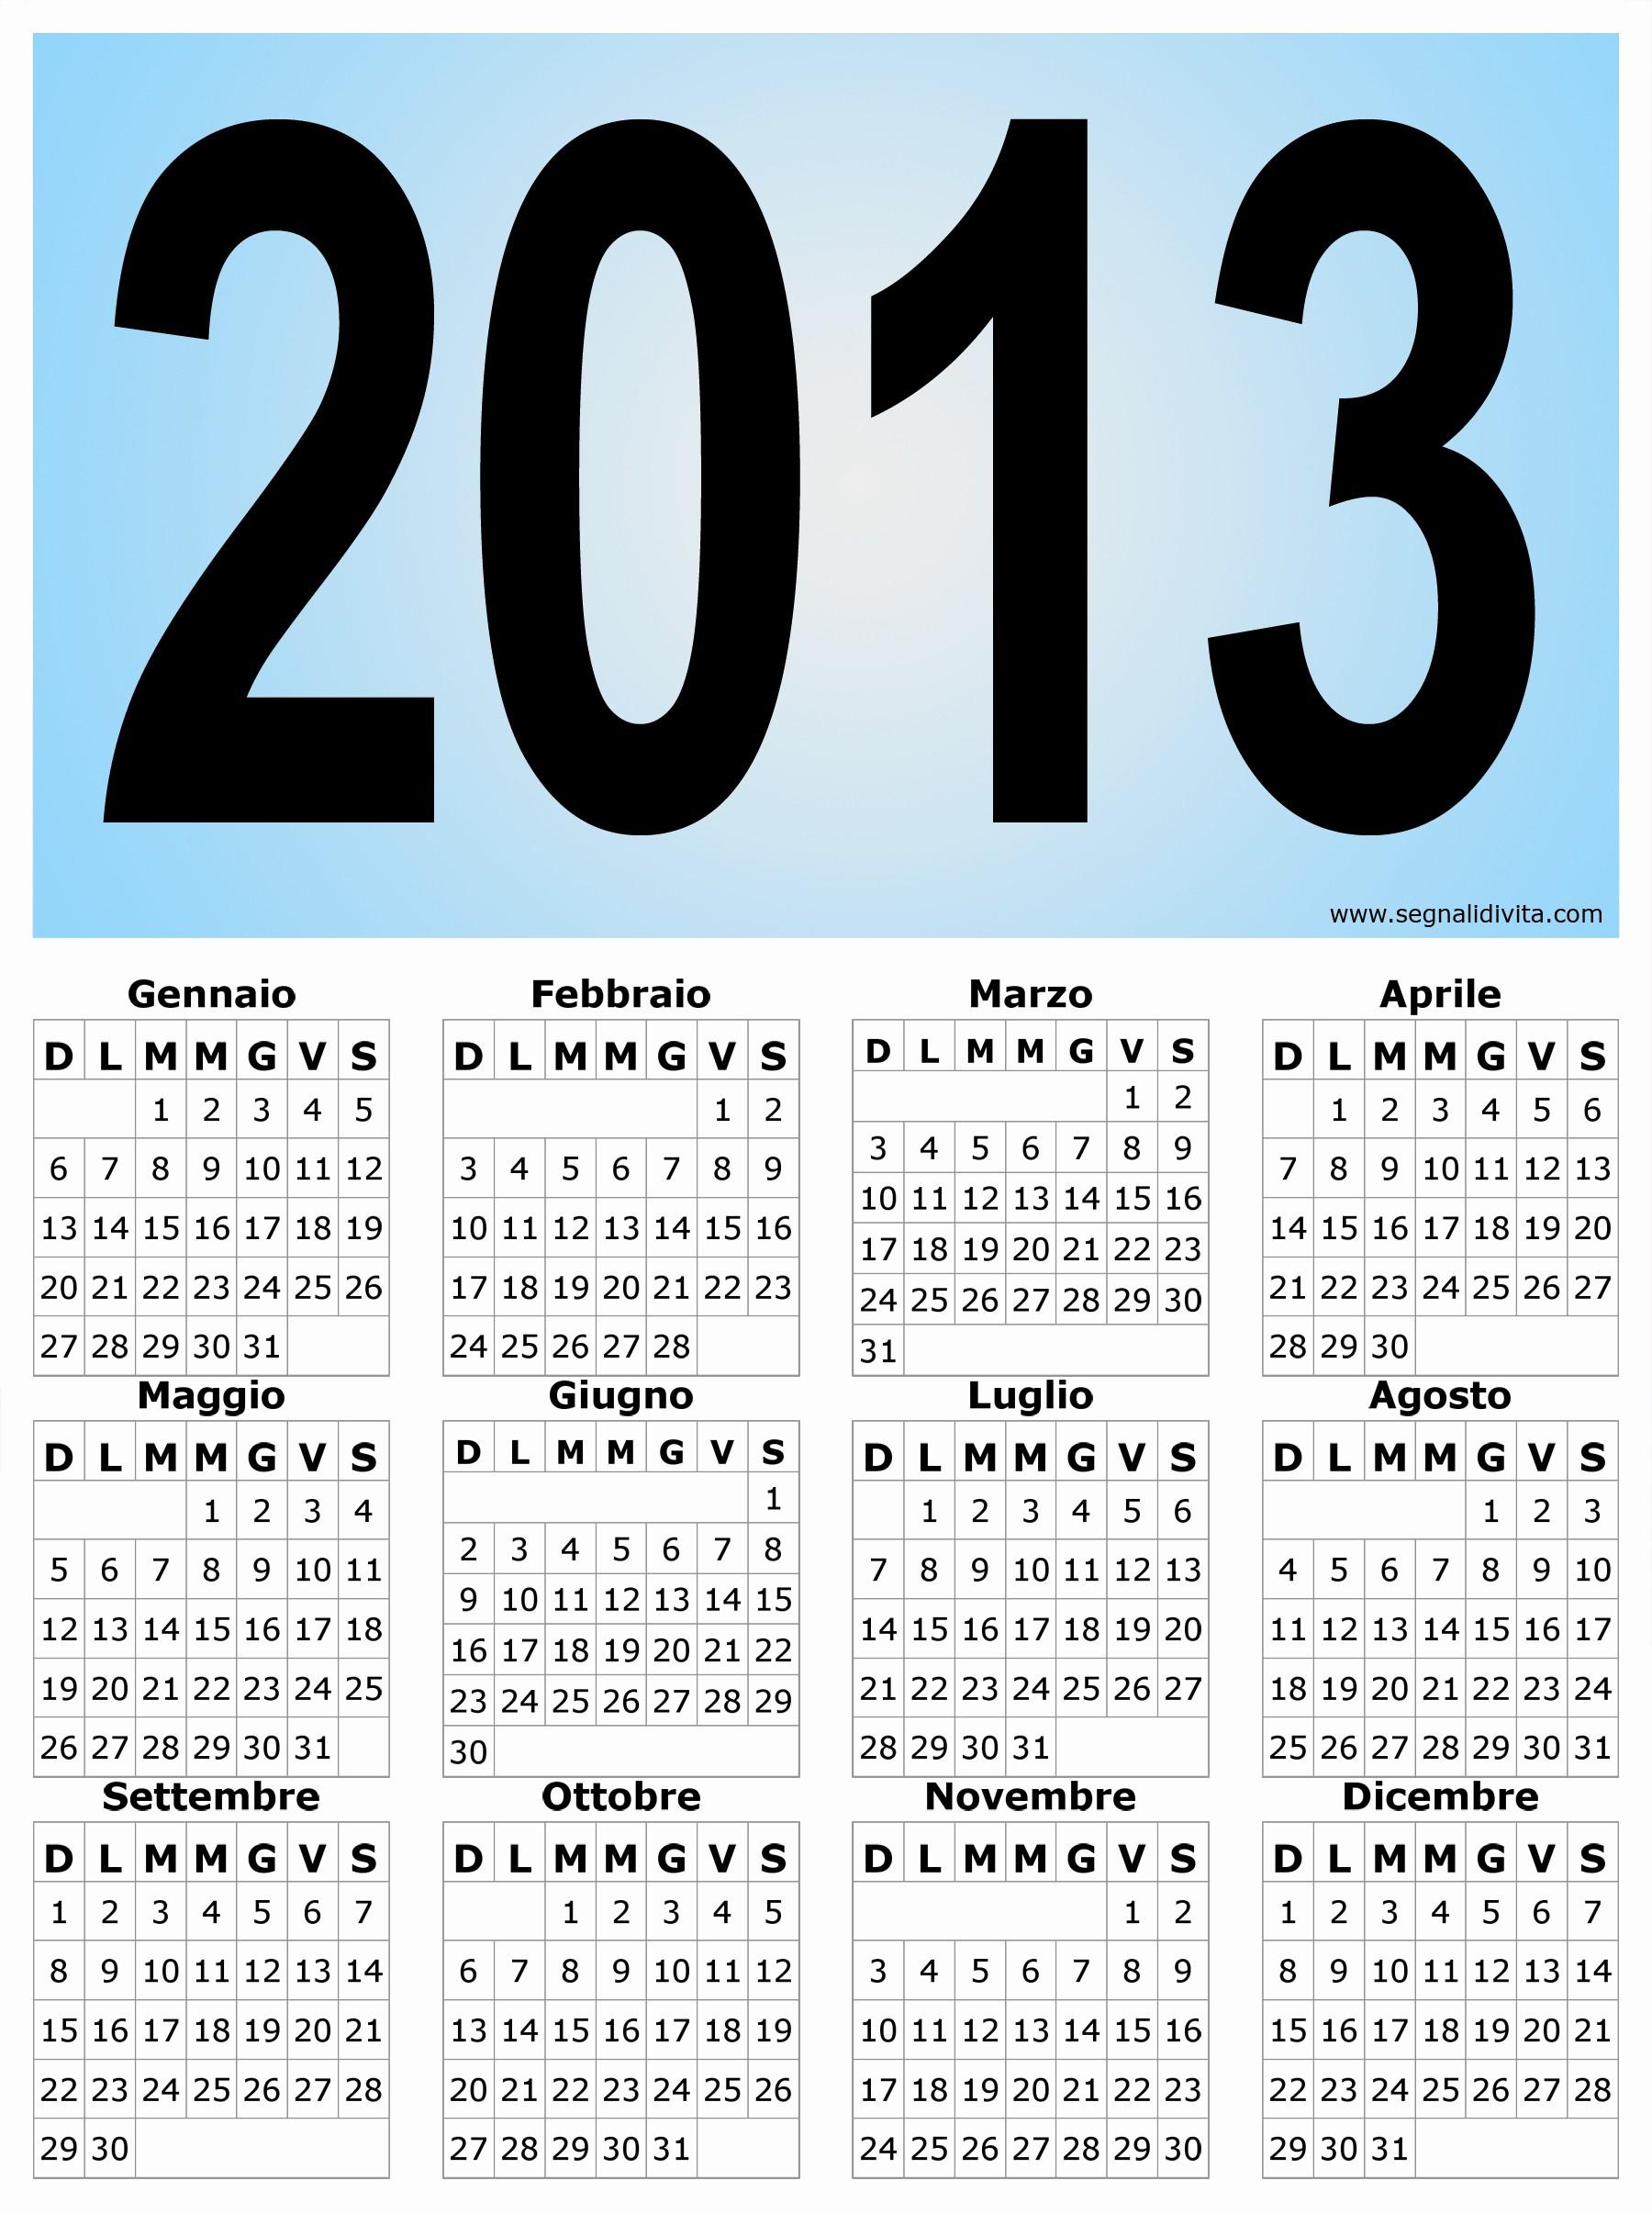 1997 Calendario 2019 Calendario Verticale Grafico Del 2013